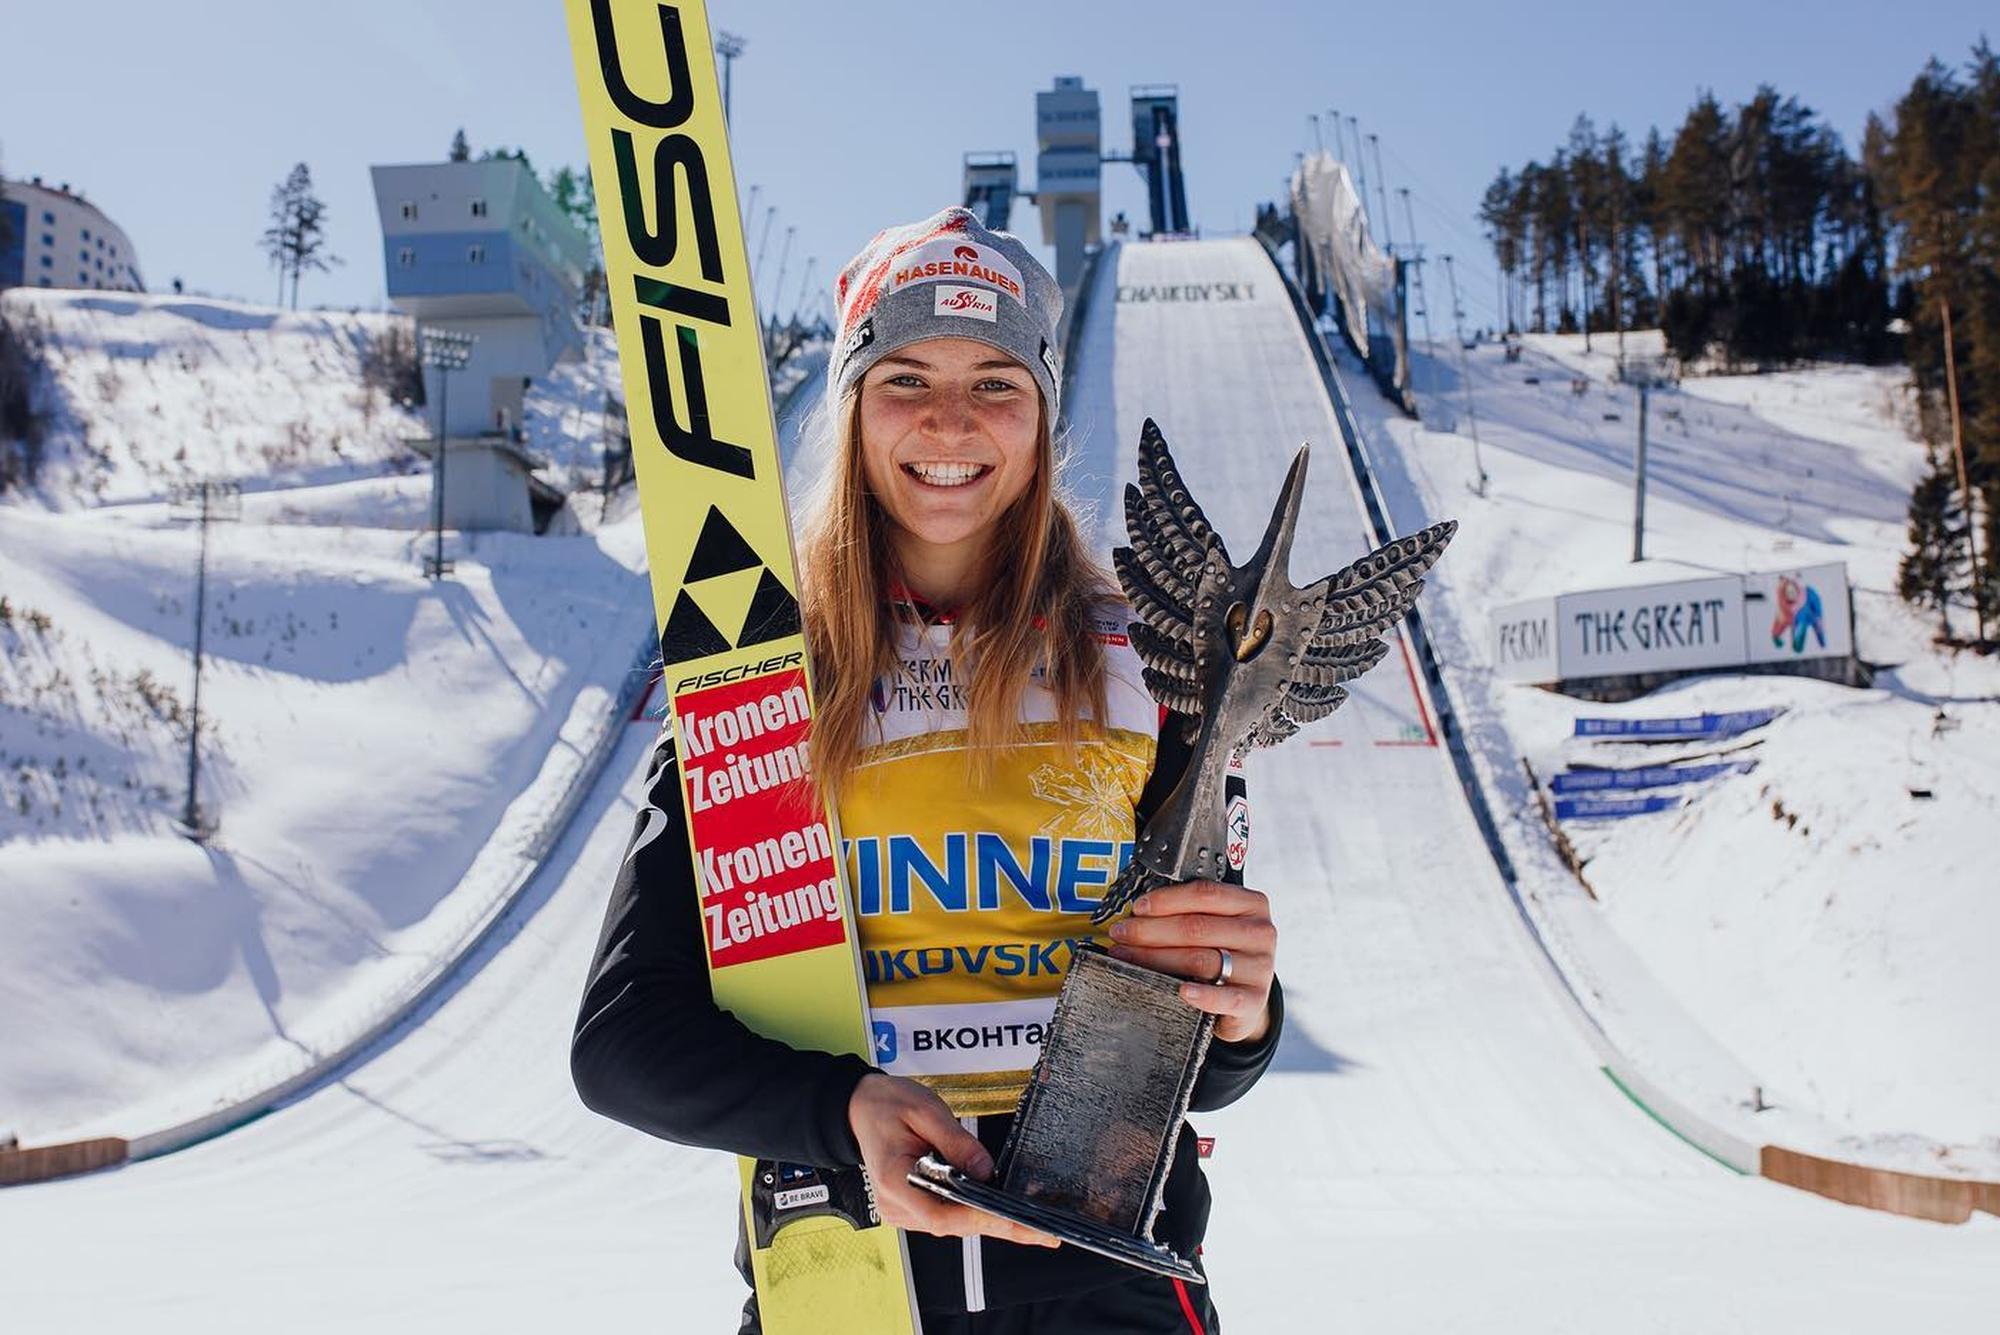 Marita Kramer BlueBird2021 fotLOCChaikovsky - Russian Tour Blue Bird